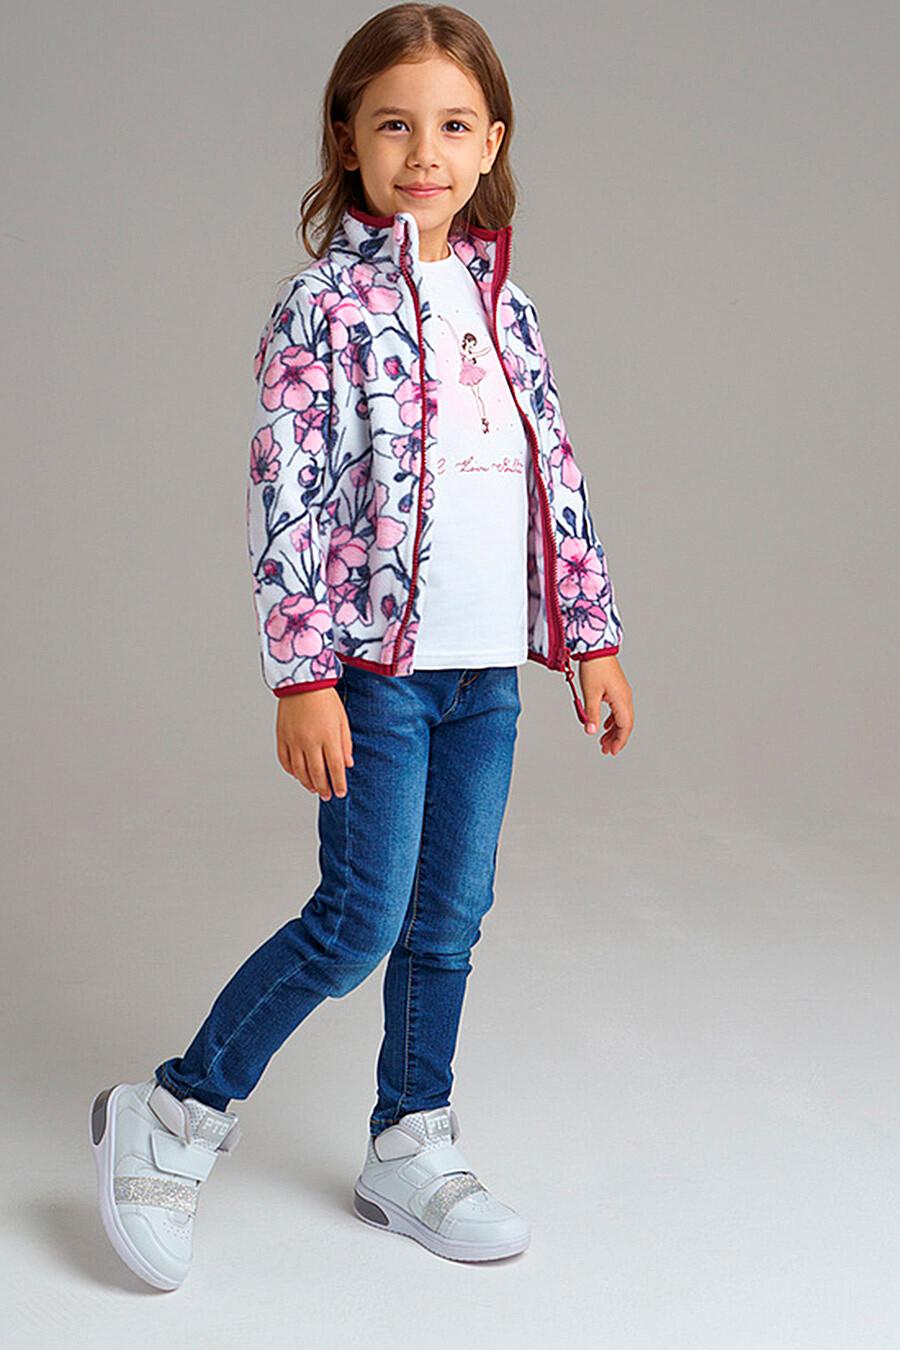 Толстовка для девочек PLAYTODAY 239048 купить оптом от производителя. Совместная покупка детской одежды в OptMoyo